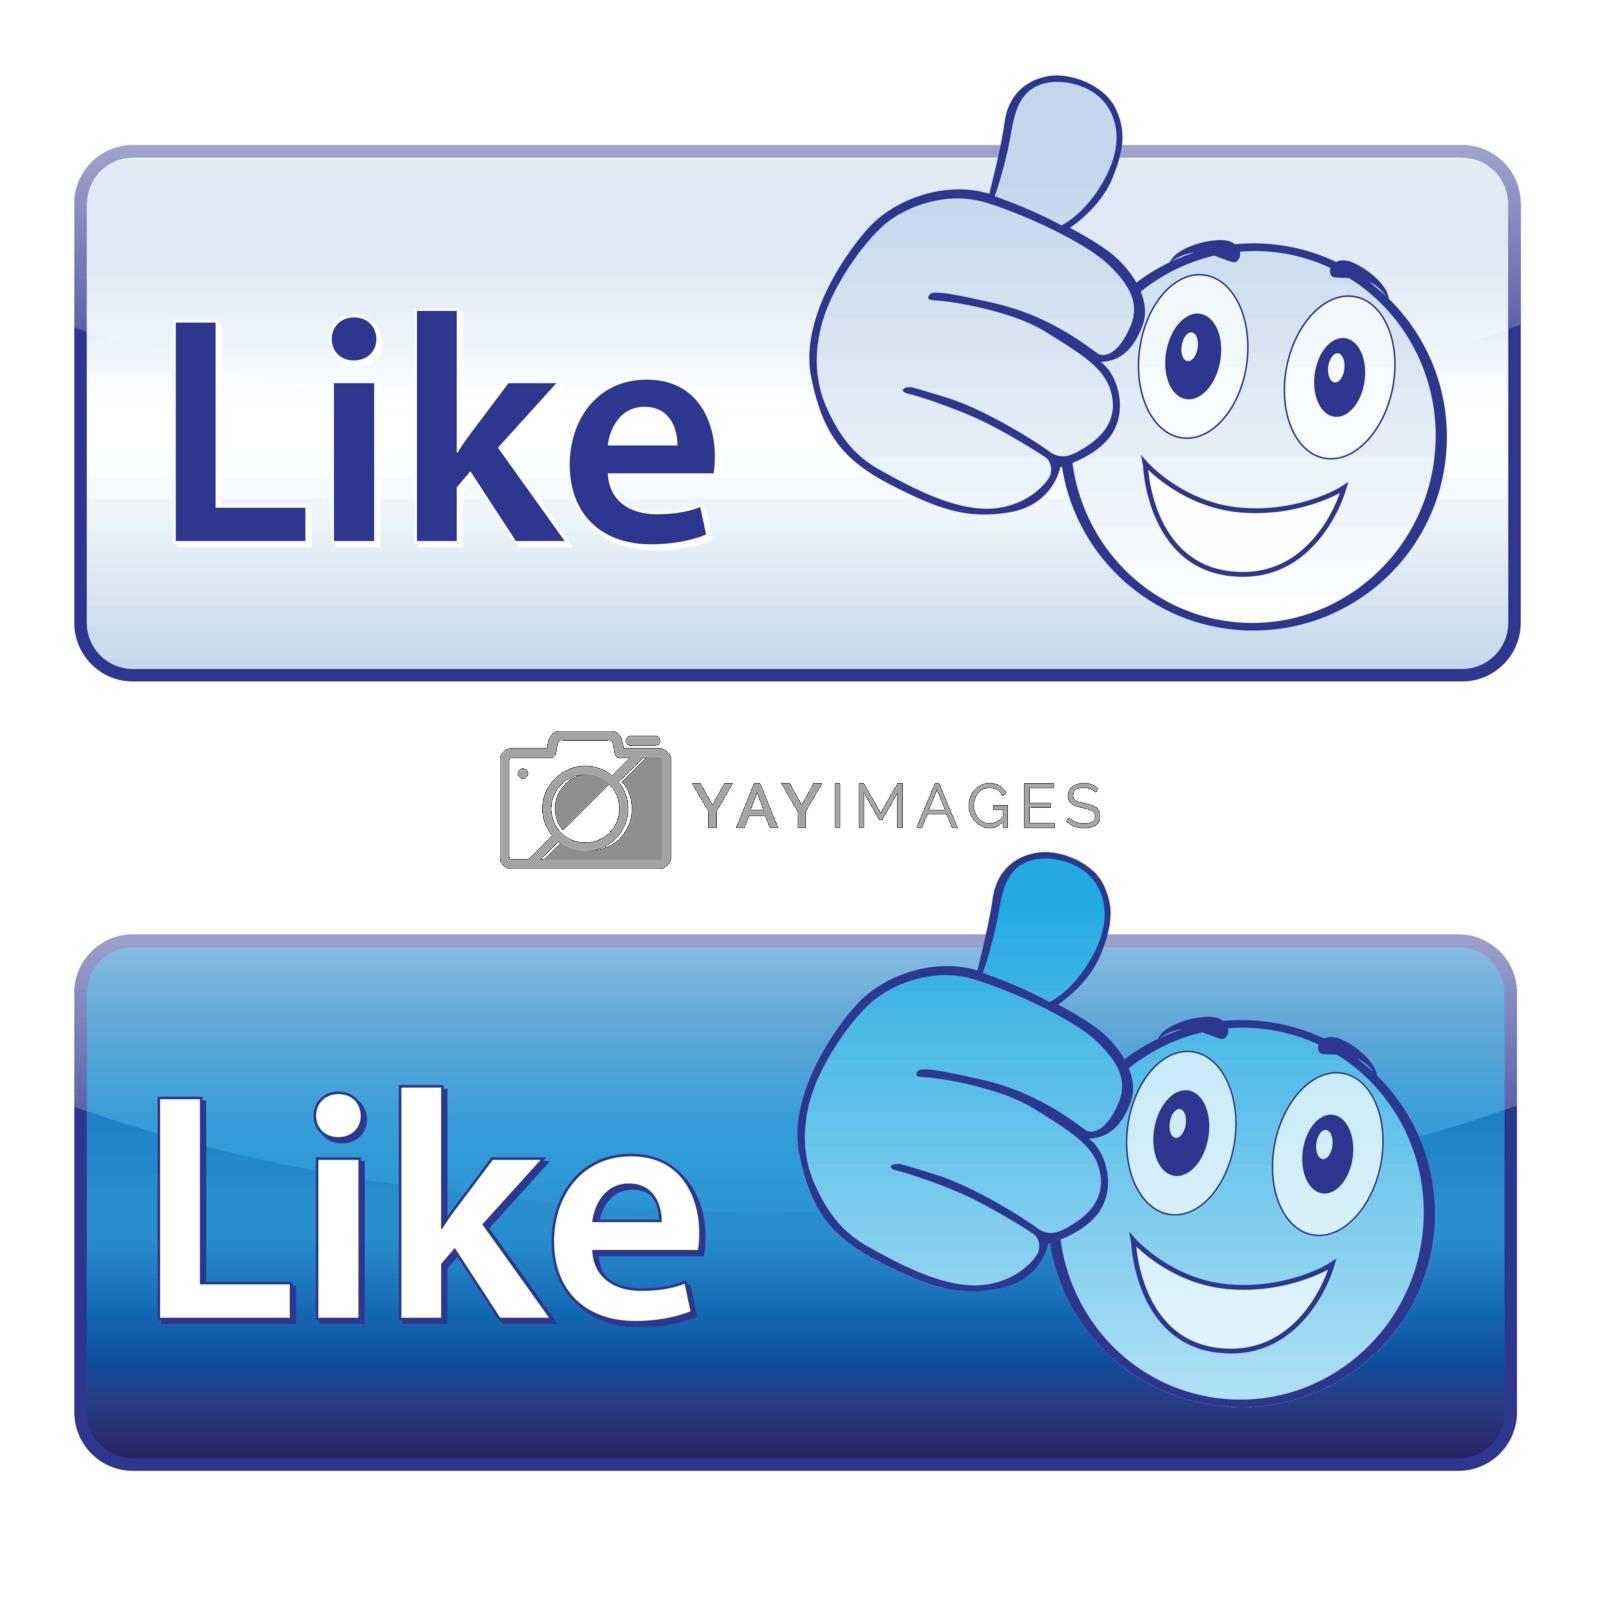 I like (button)